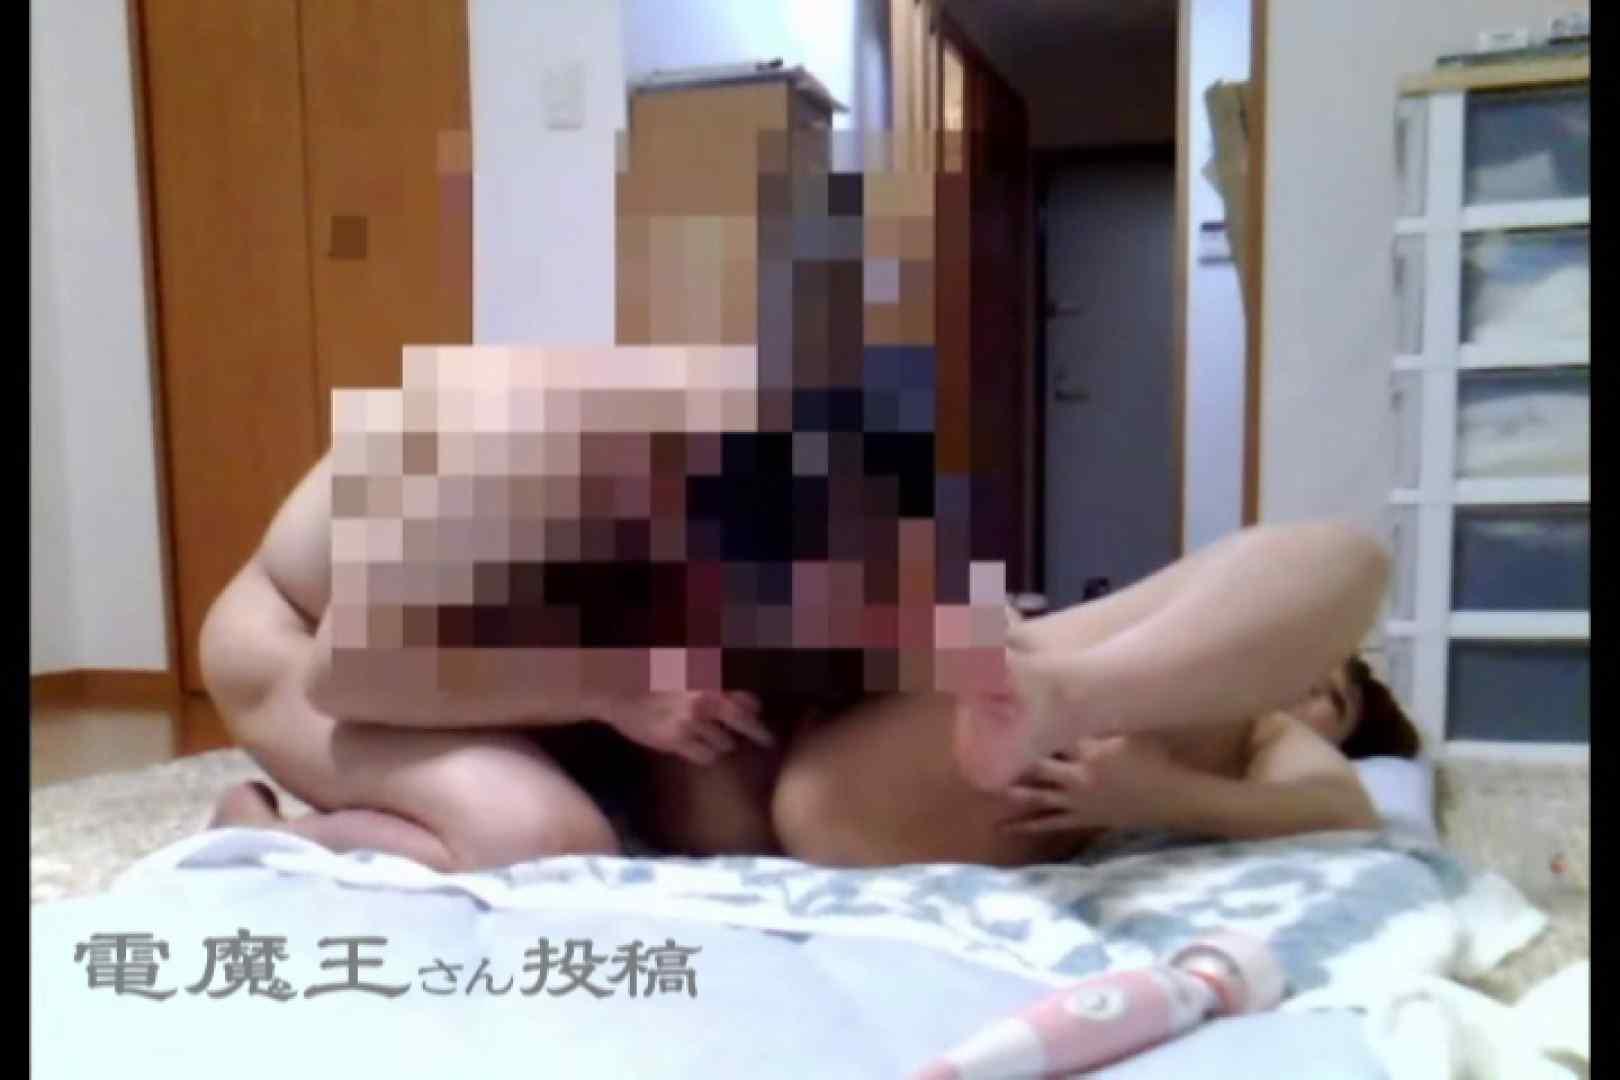 電魔王さんの「隠撮の部屋」ラム 隠撮  92PIX 82